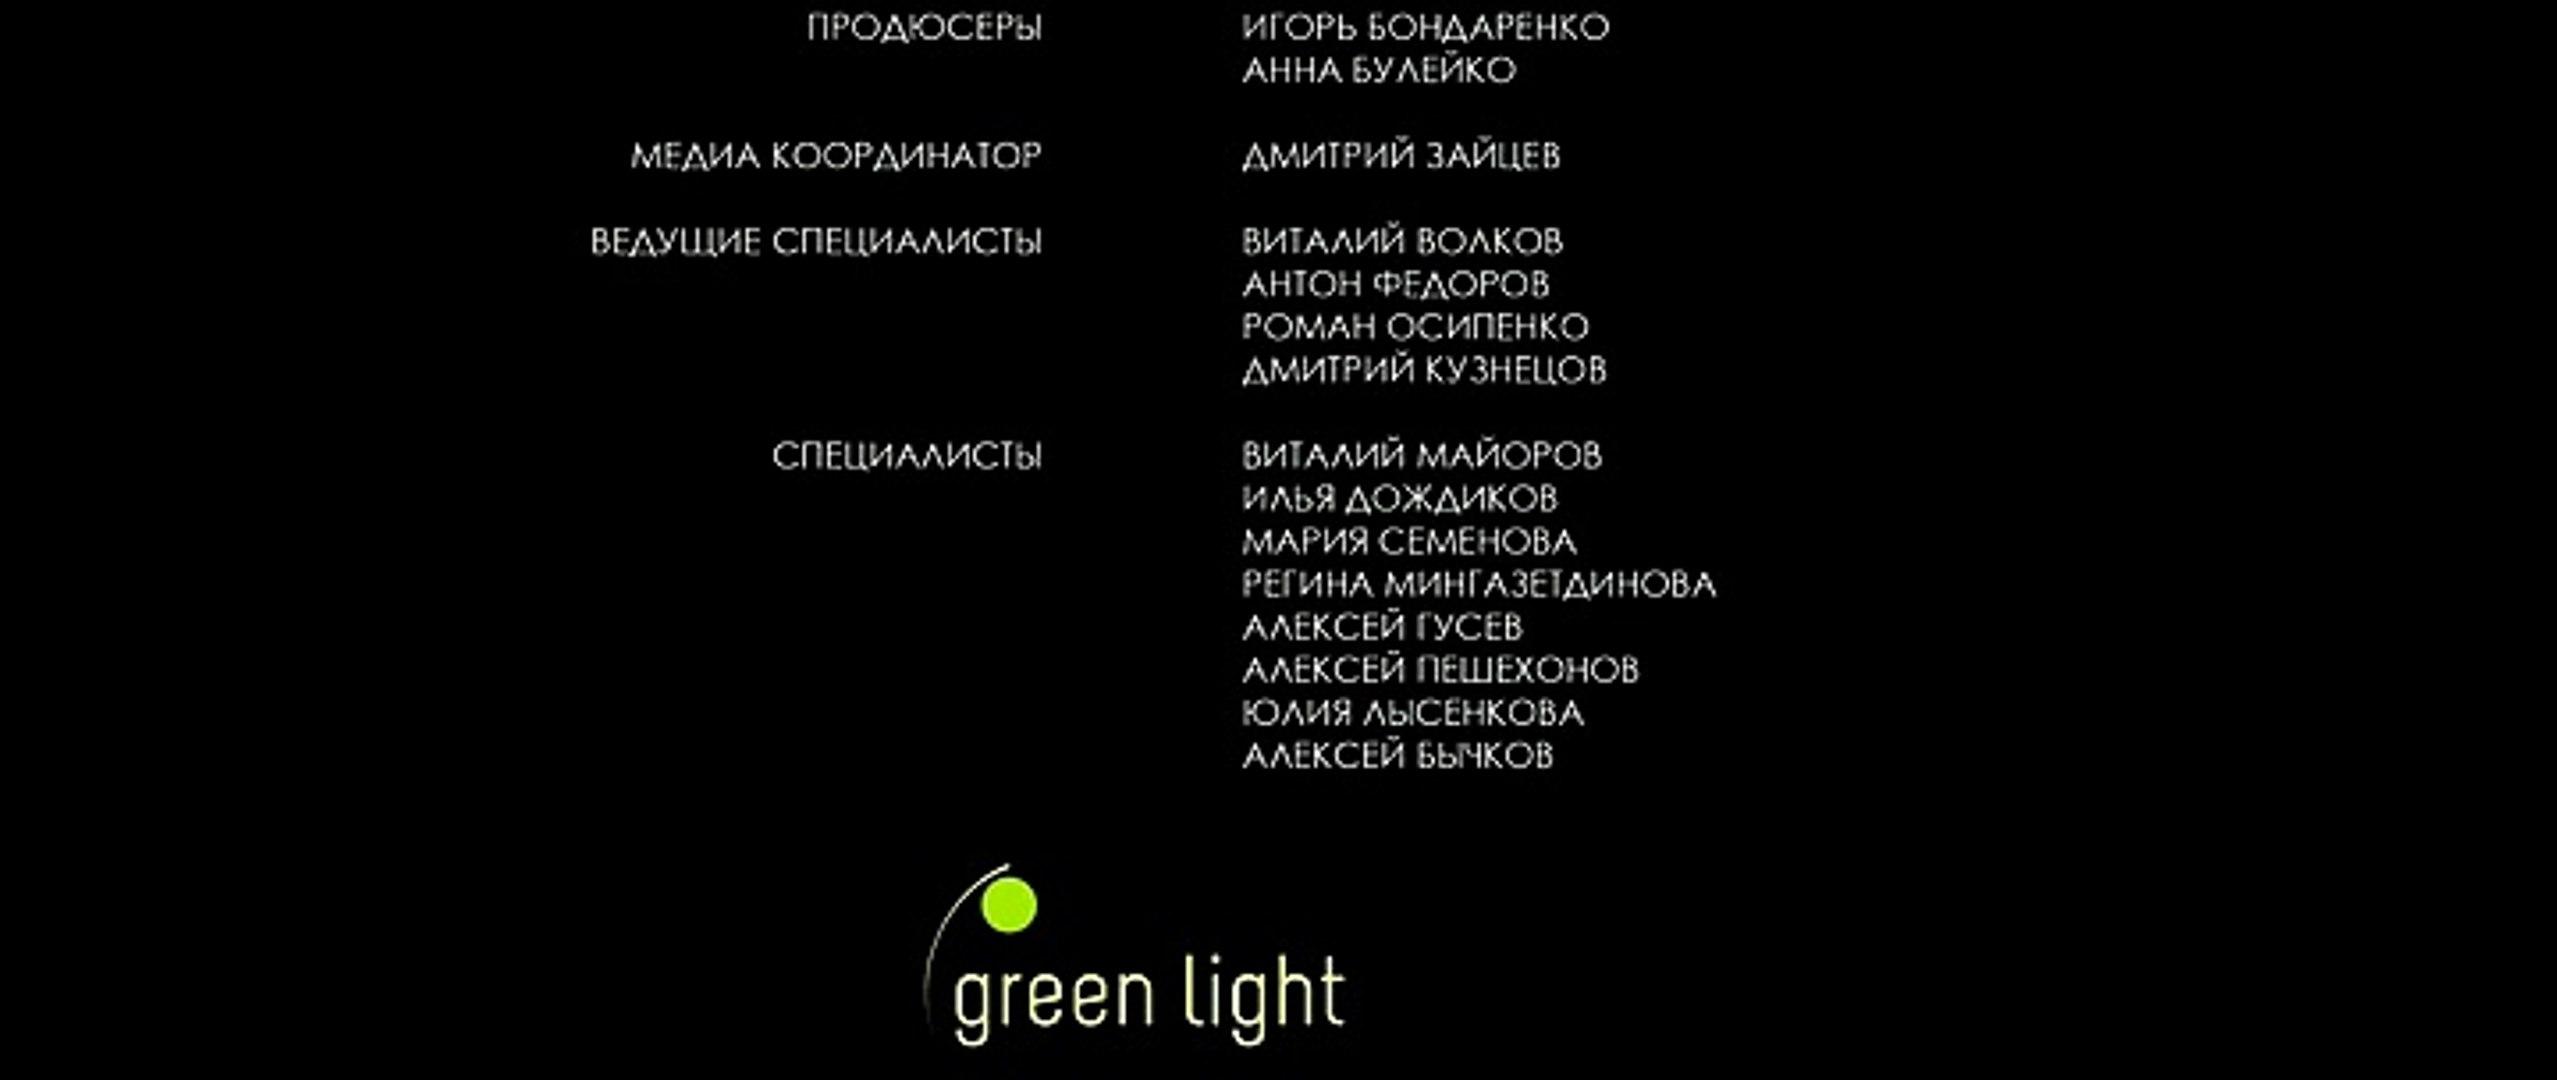 03/17/2015 02:39:07 Битва за Севастополь 2015 смотреть полный фильм